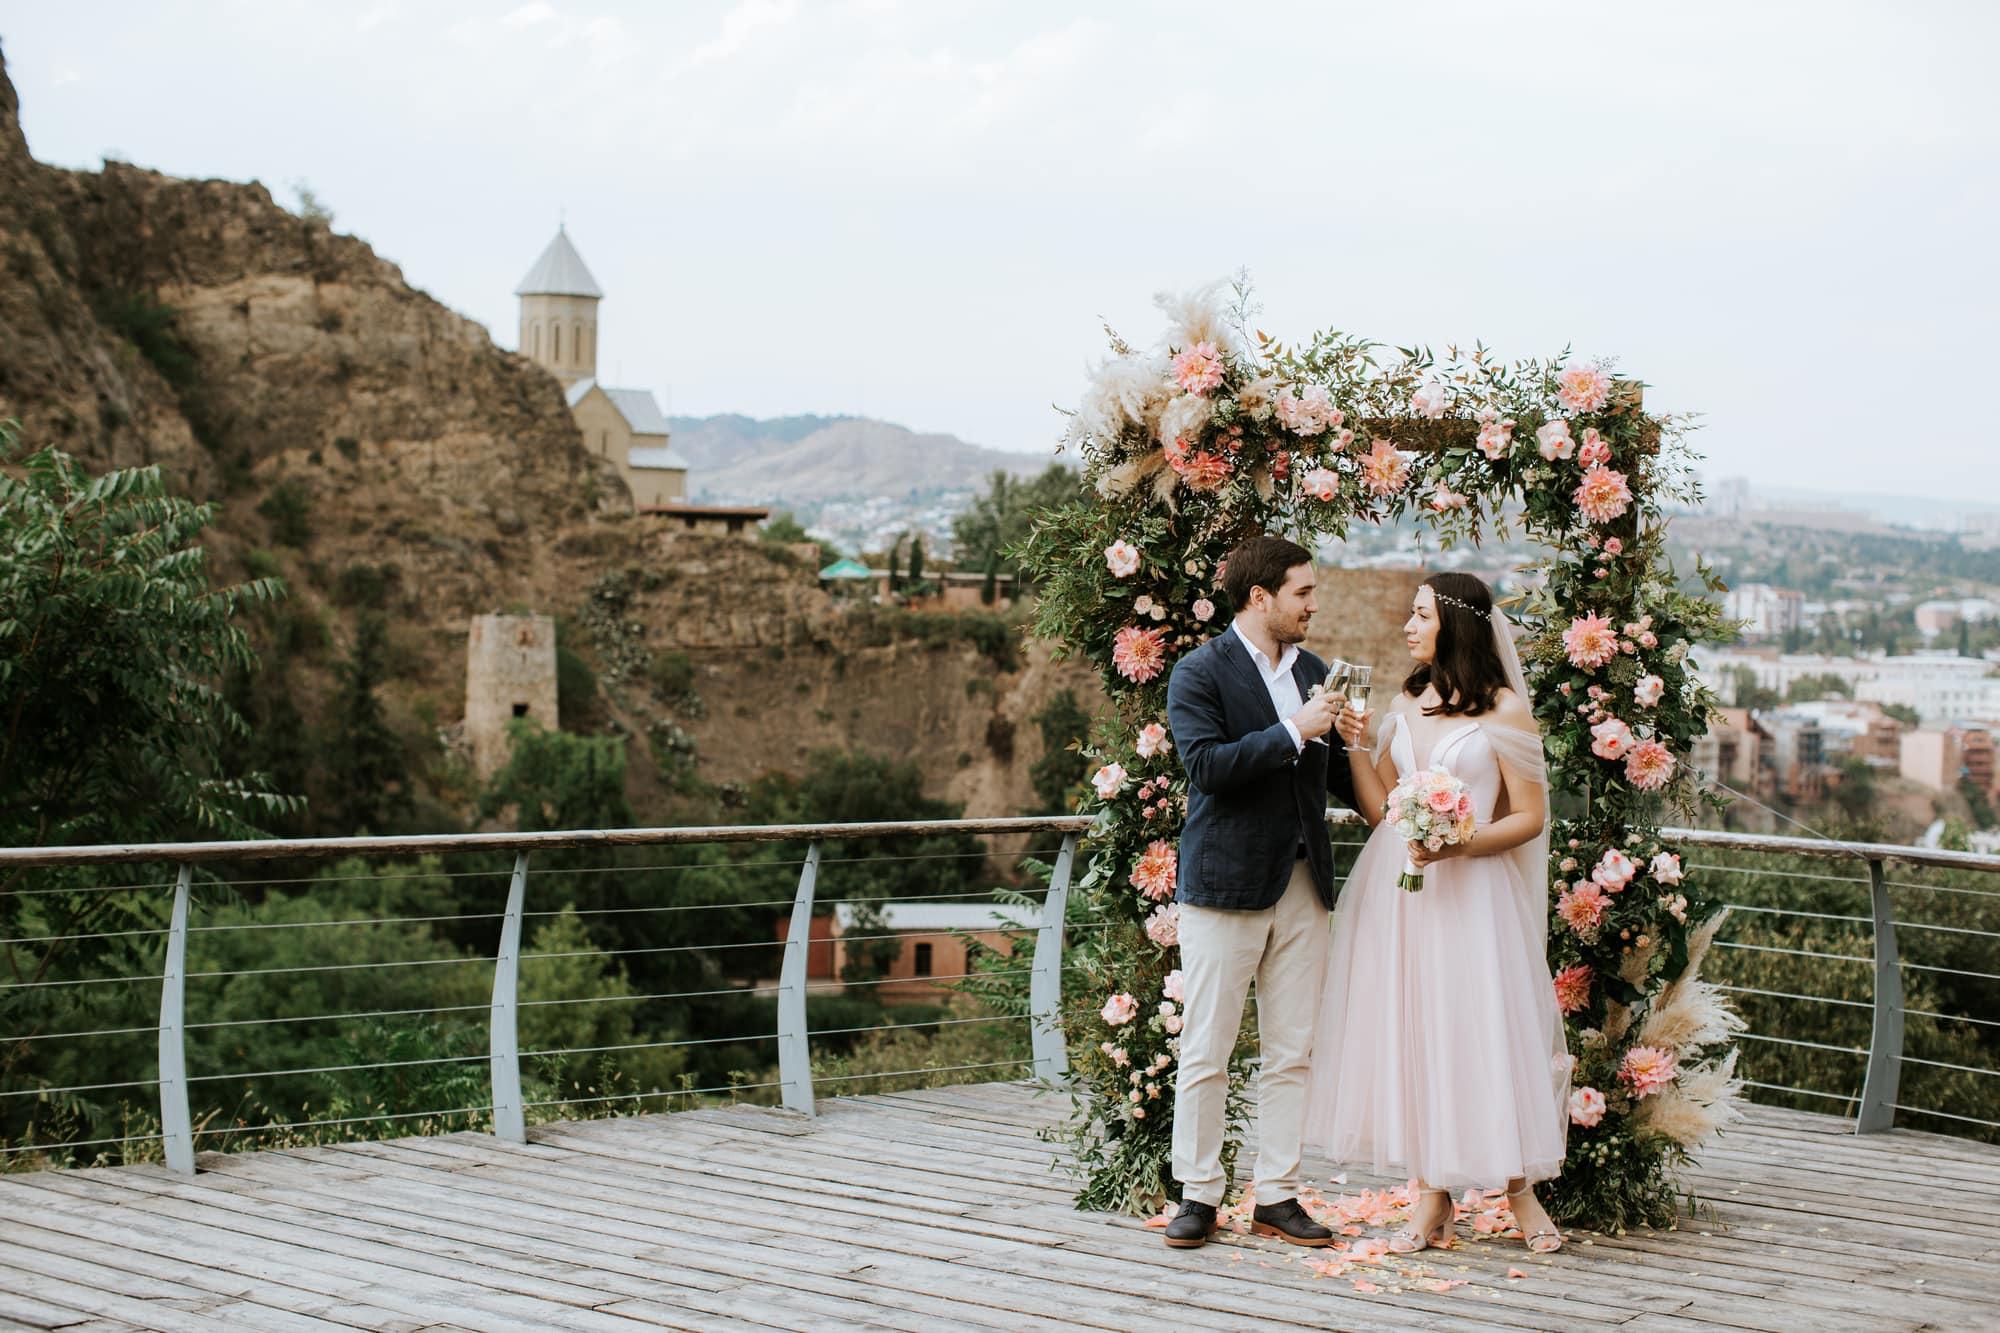 Tbilisi marriage agency Wedding Agency